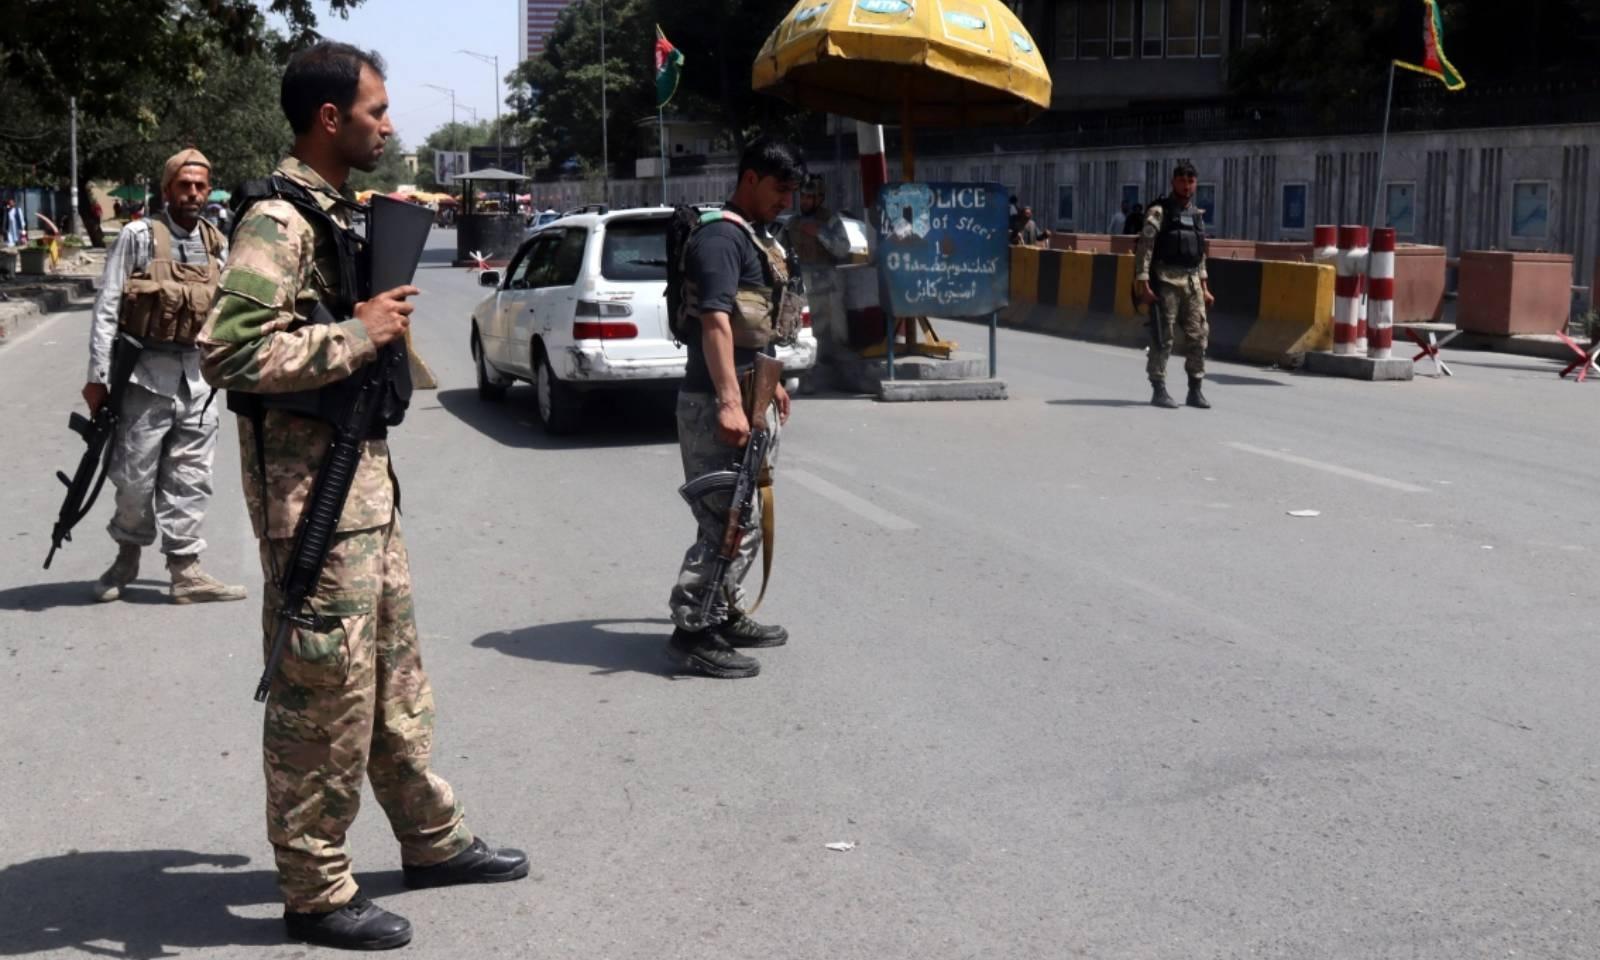 افغان سیکیورٹی حکام کابل میں چیک پوائنٹس پر پہرا دے رہے ہیں—فوٹو: ای پی اے